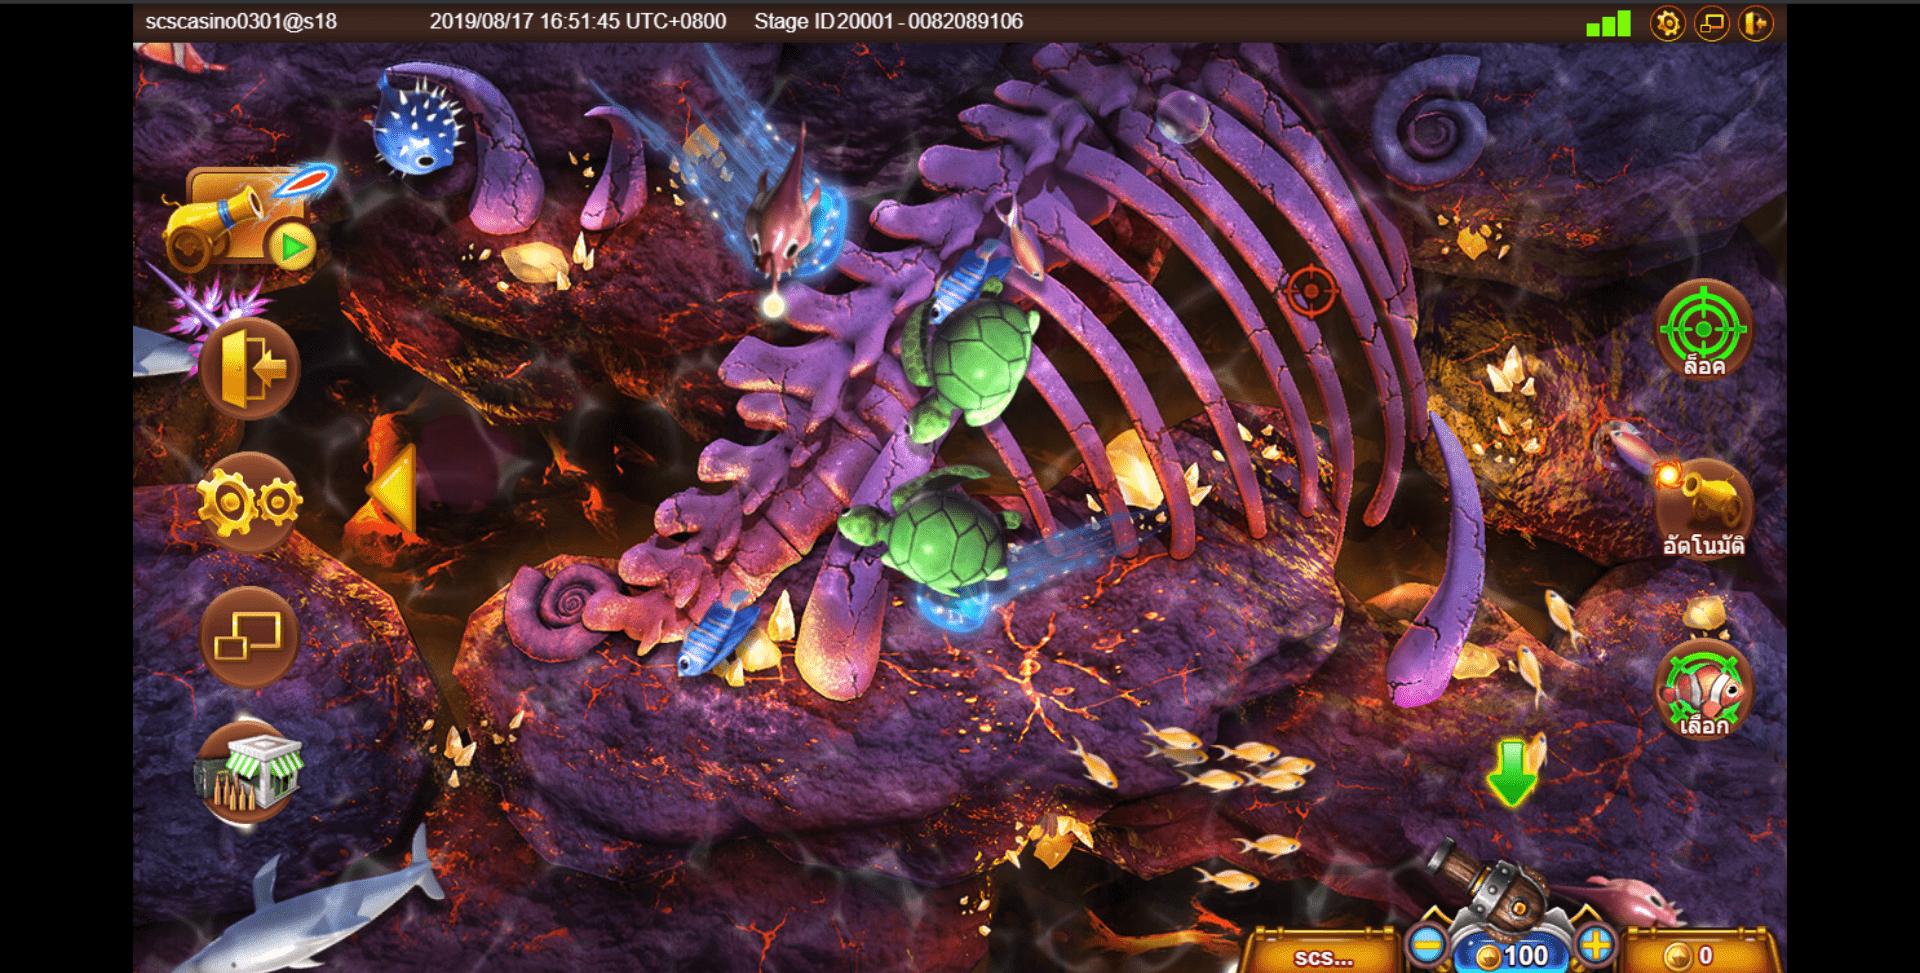 หน้าเกมส์ยิงปลา FISHERMEN GOLD sa gaming ระดับมาสเตอร์รูม